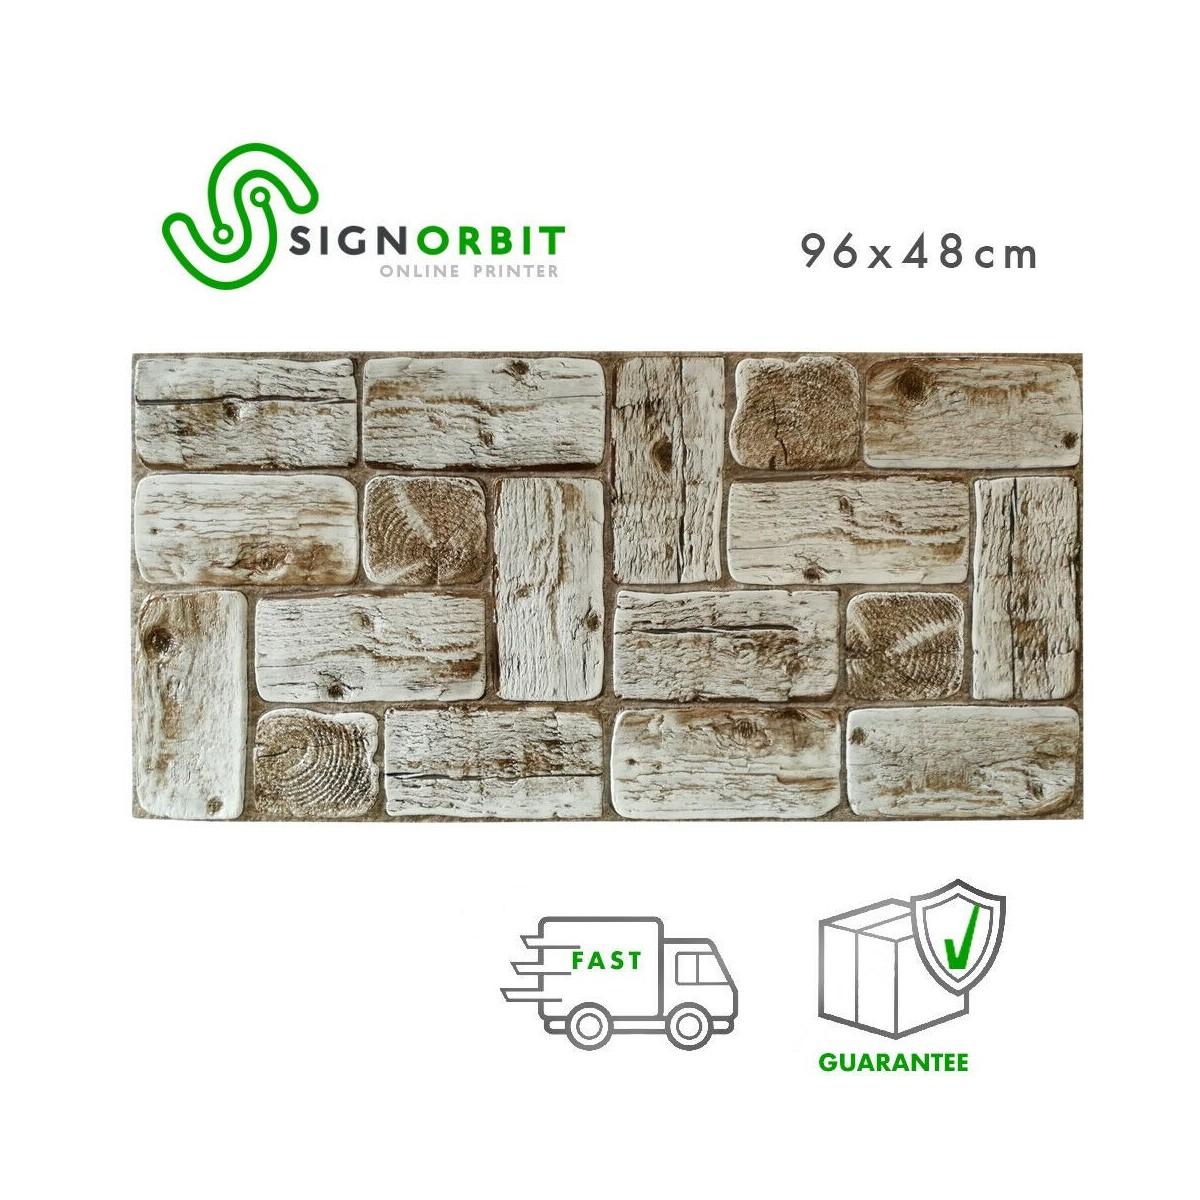 Tavole Legno Per Rivestimento Pareti pannello decorativo in pvc rivestimento parete finto legno tronchi di pino  chiaro 96x48cm 2 pz 1 mq